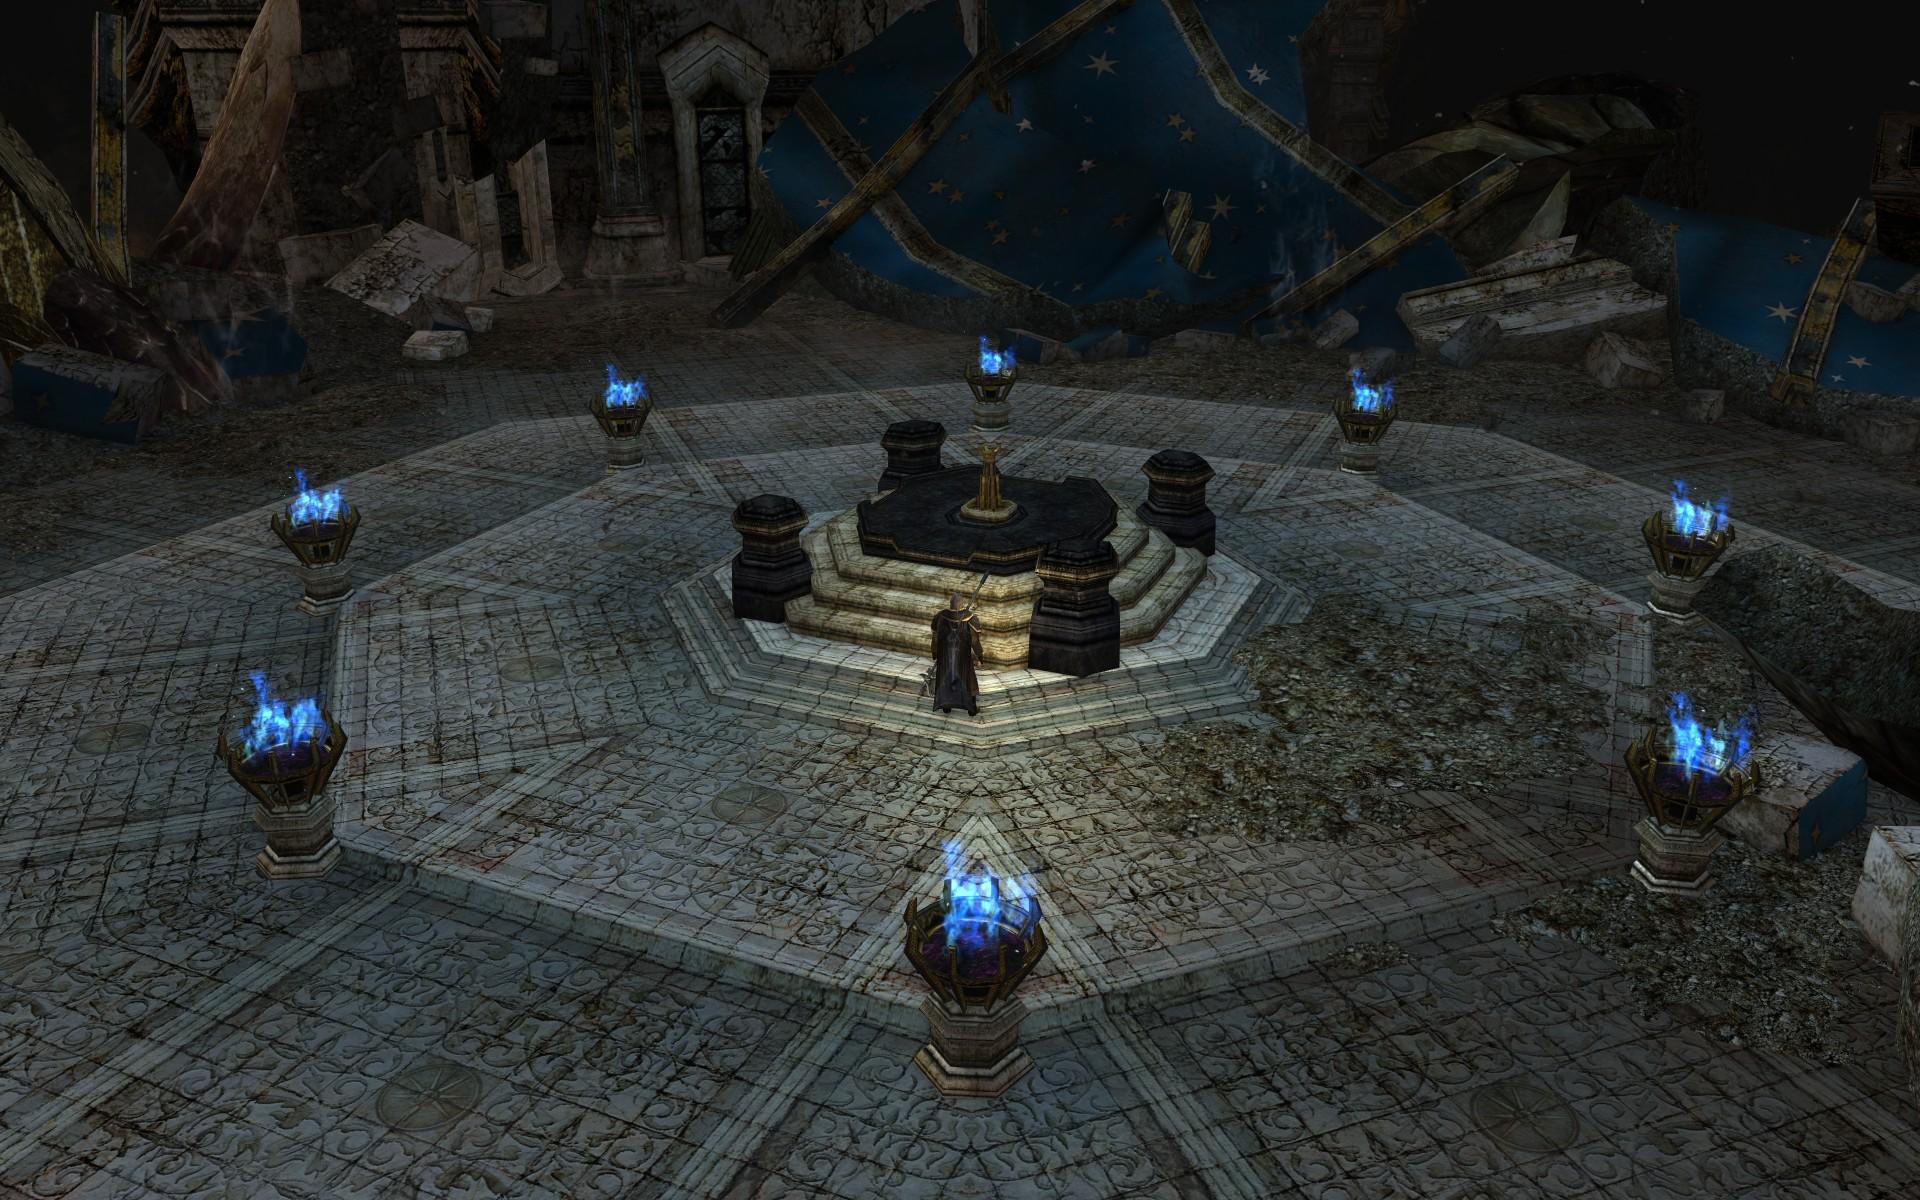 『ロード・オブ・ザ・リングス オンライン』による星辰殿の、パランティーアが置かれていた場所